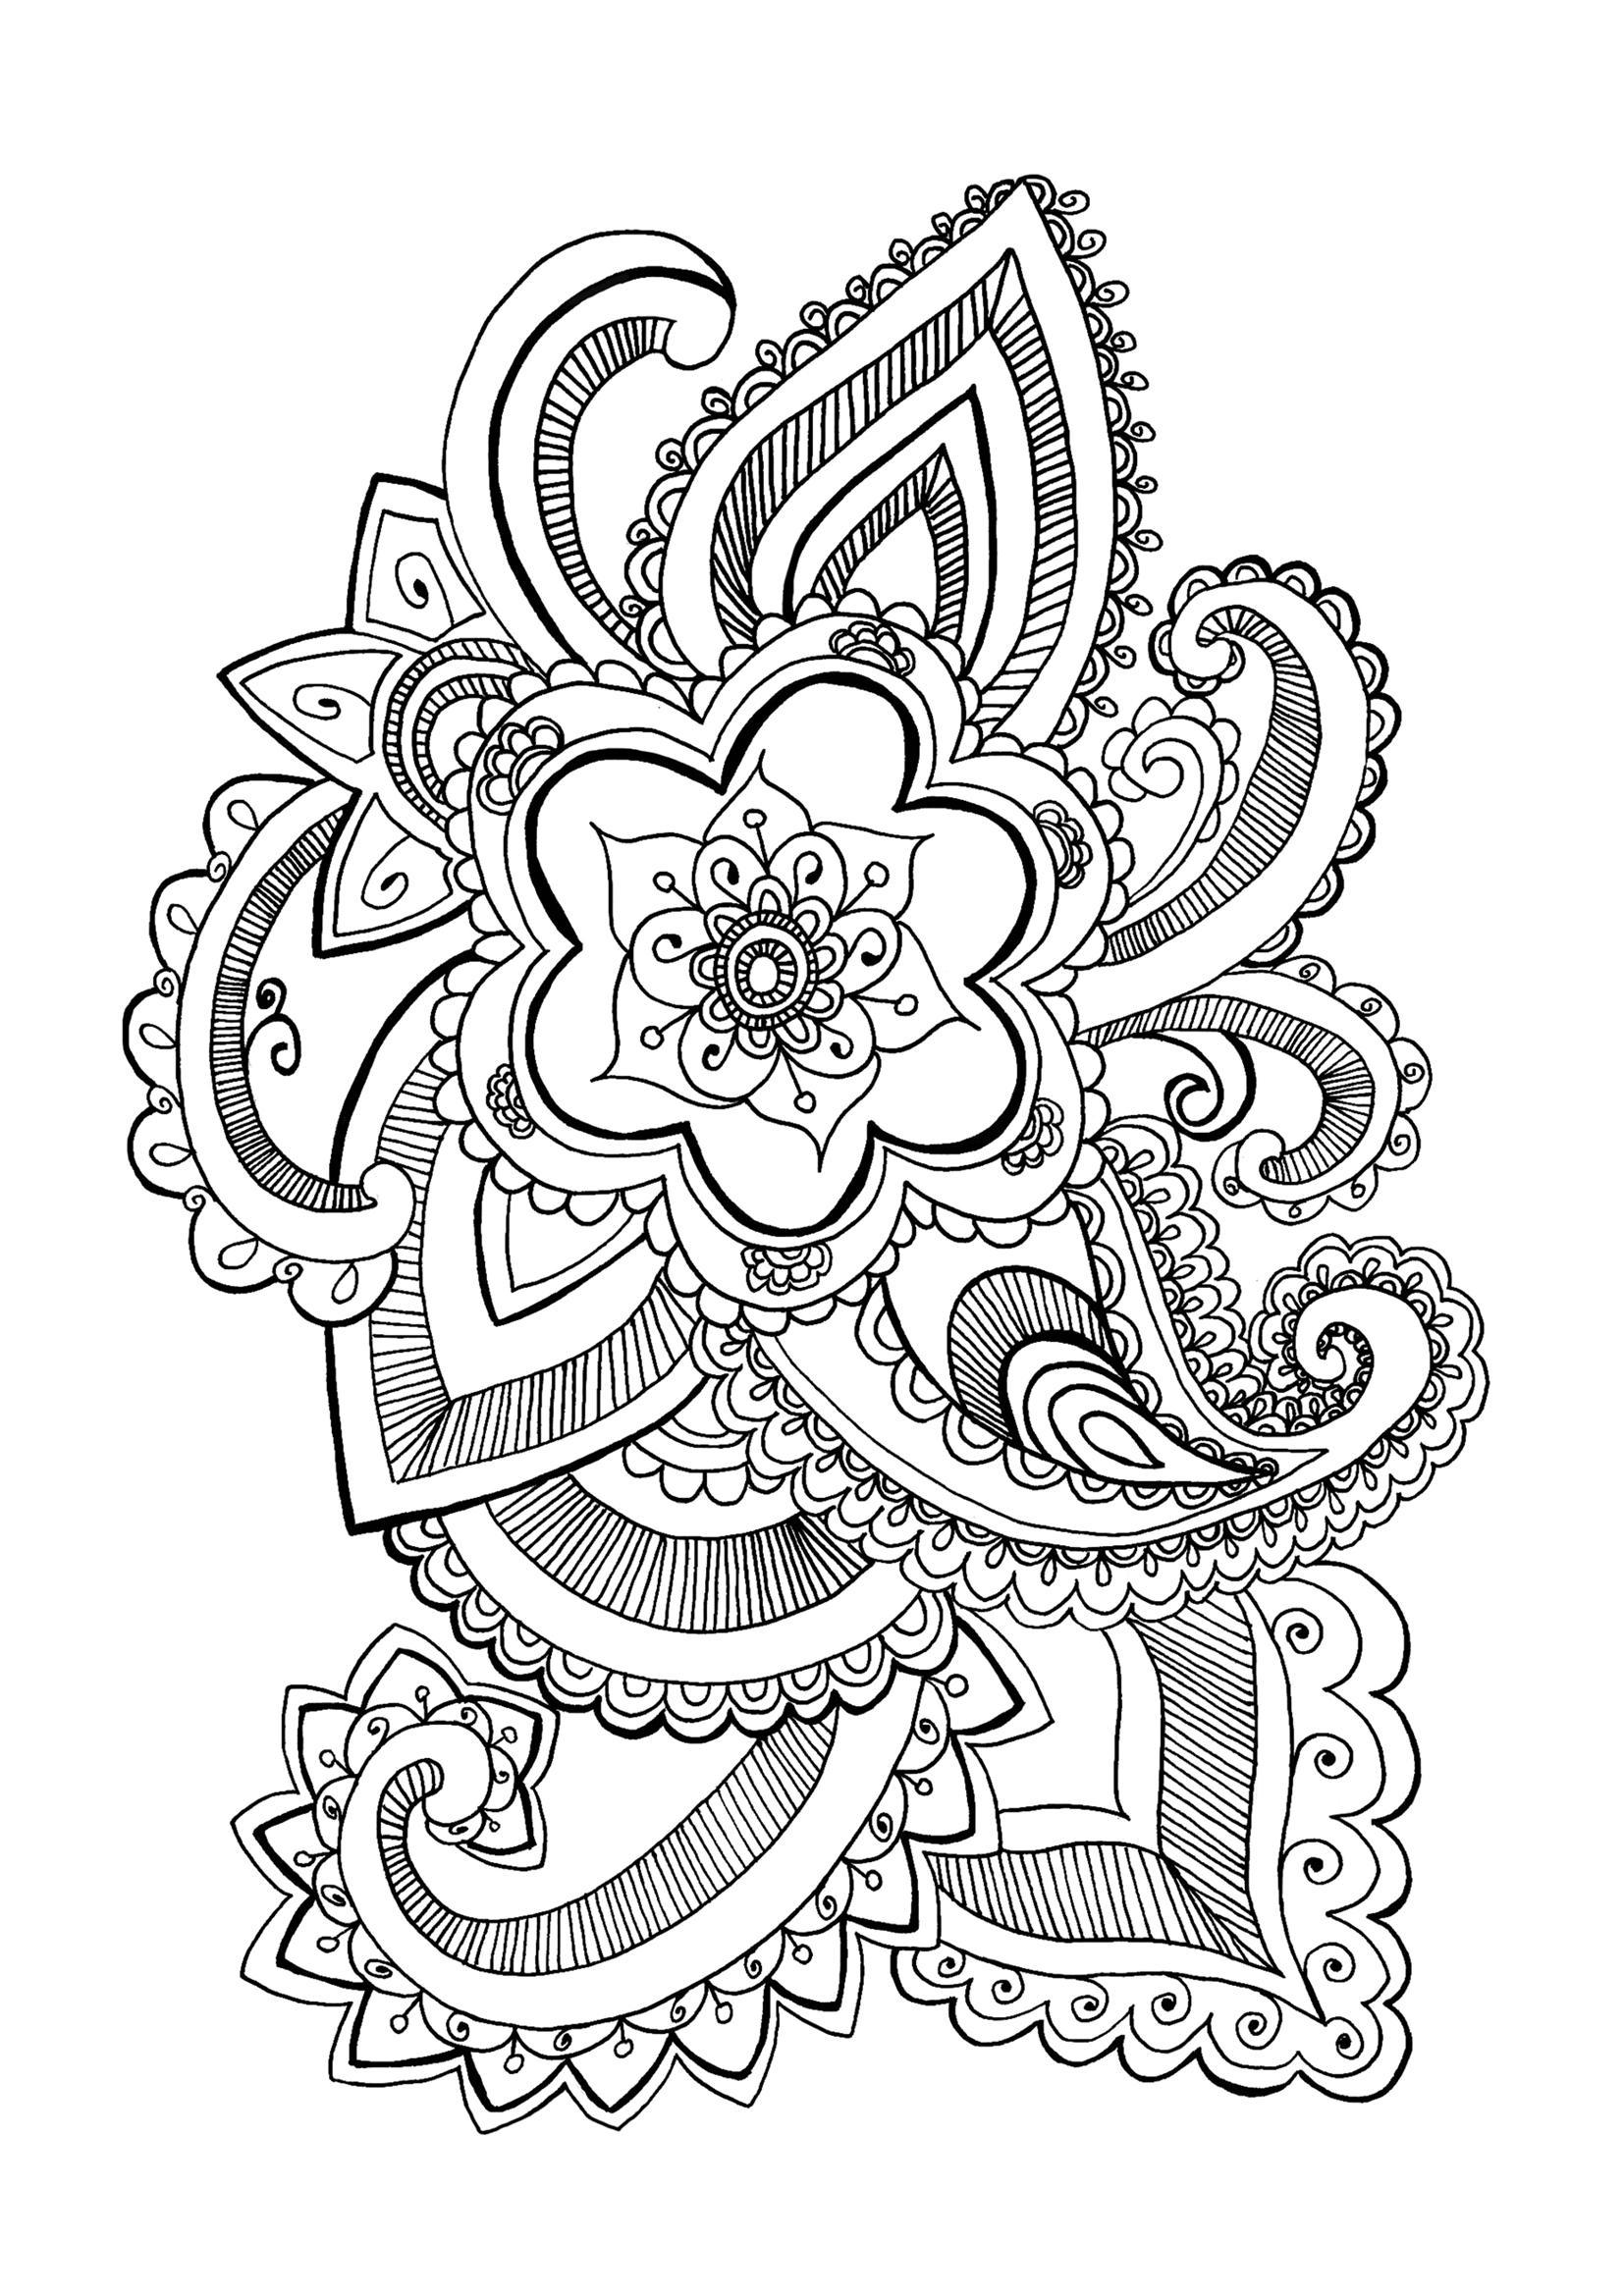 Fleurs et v g tation coloriages difficiles pour adultes - Coloriage mandala printemps ...